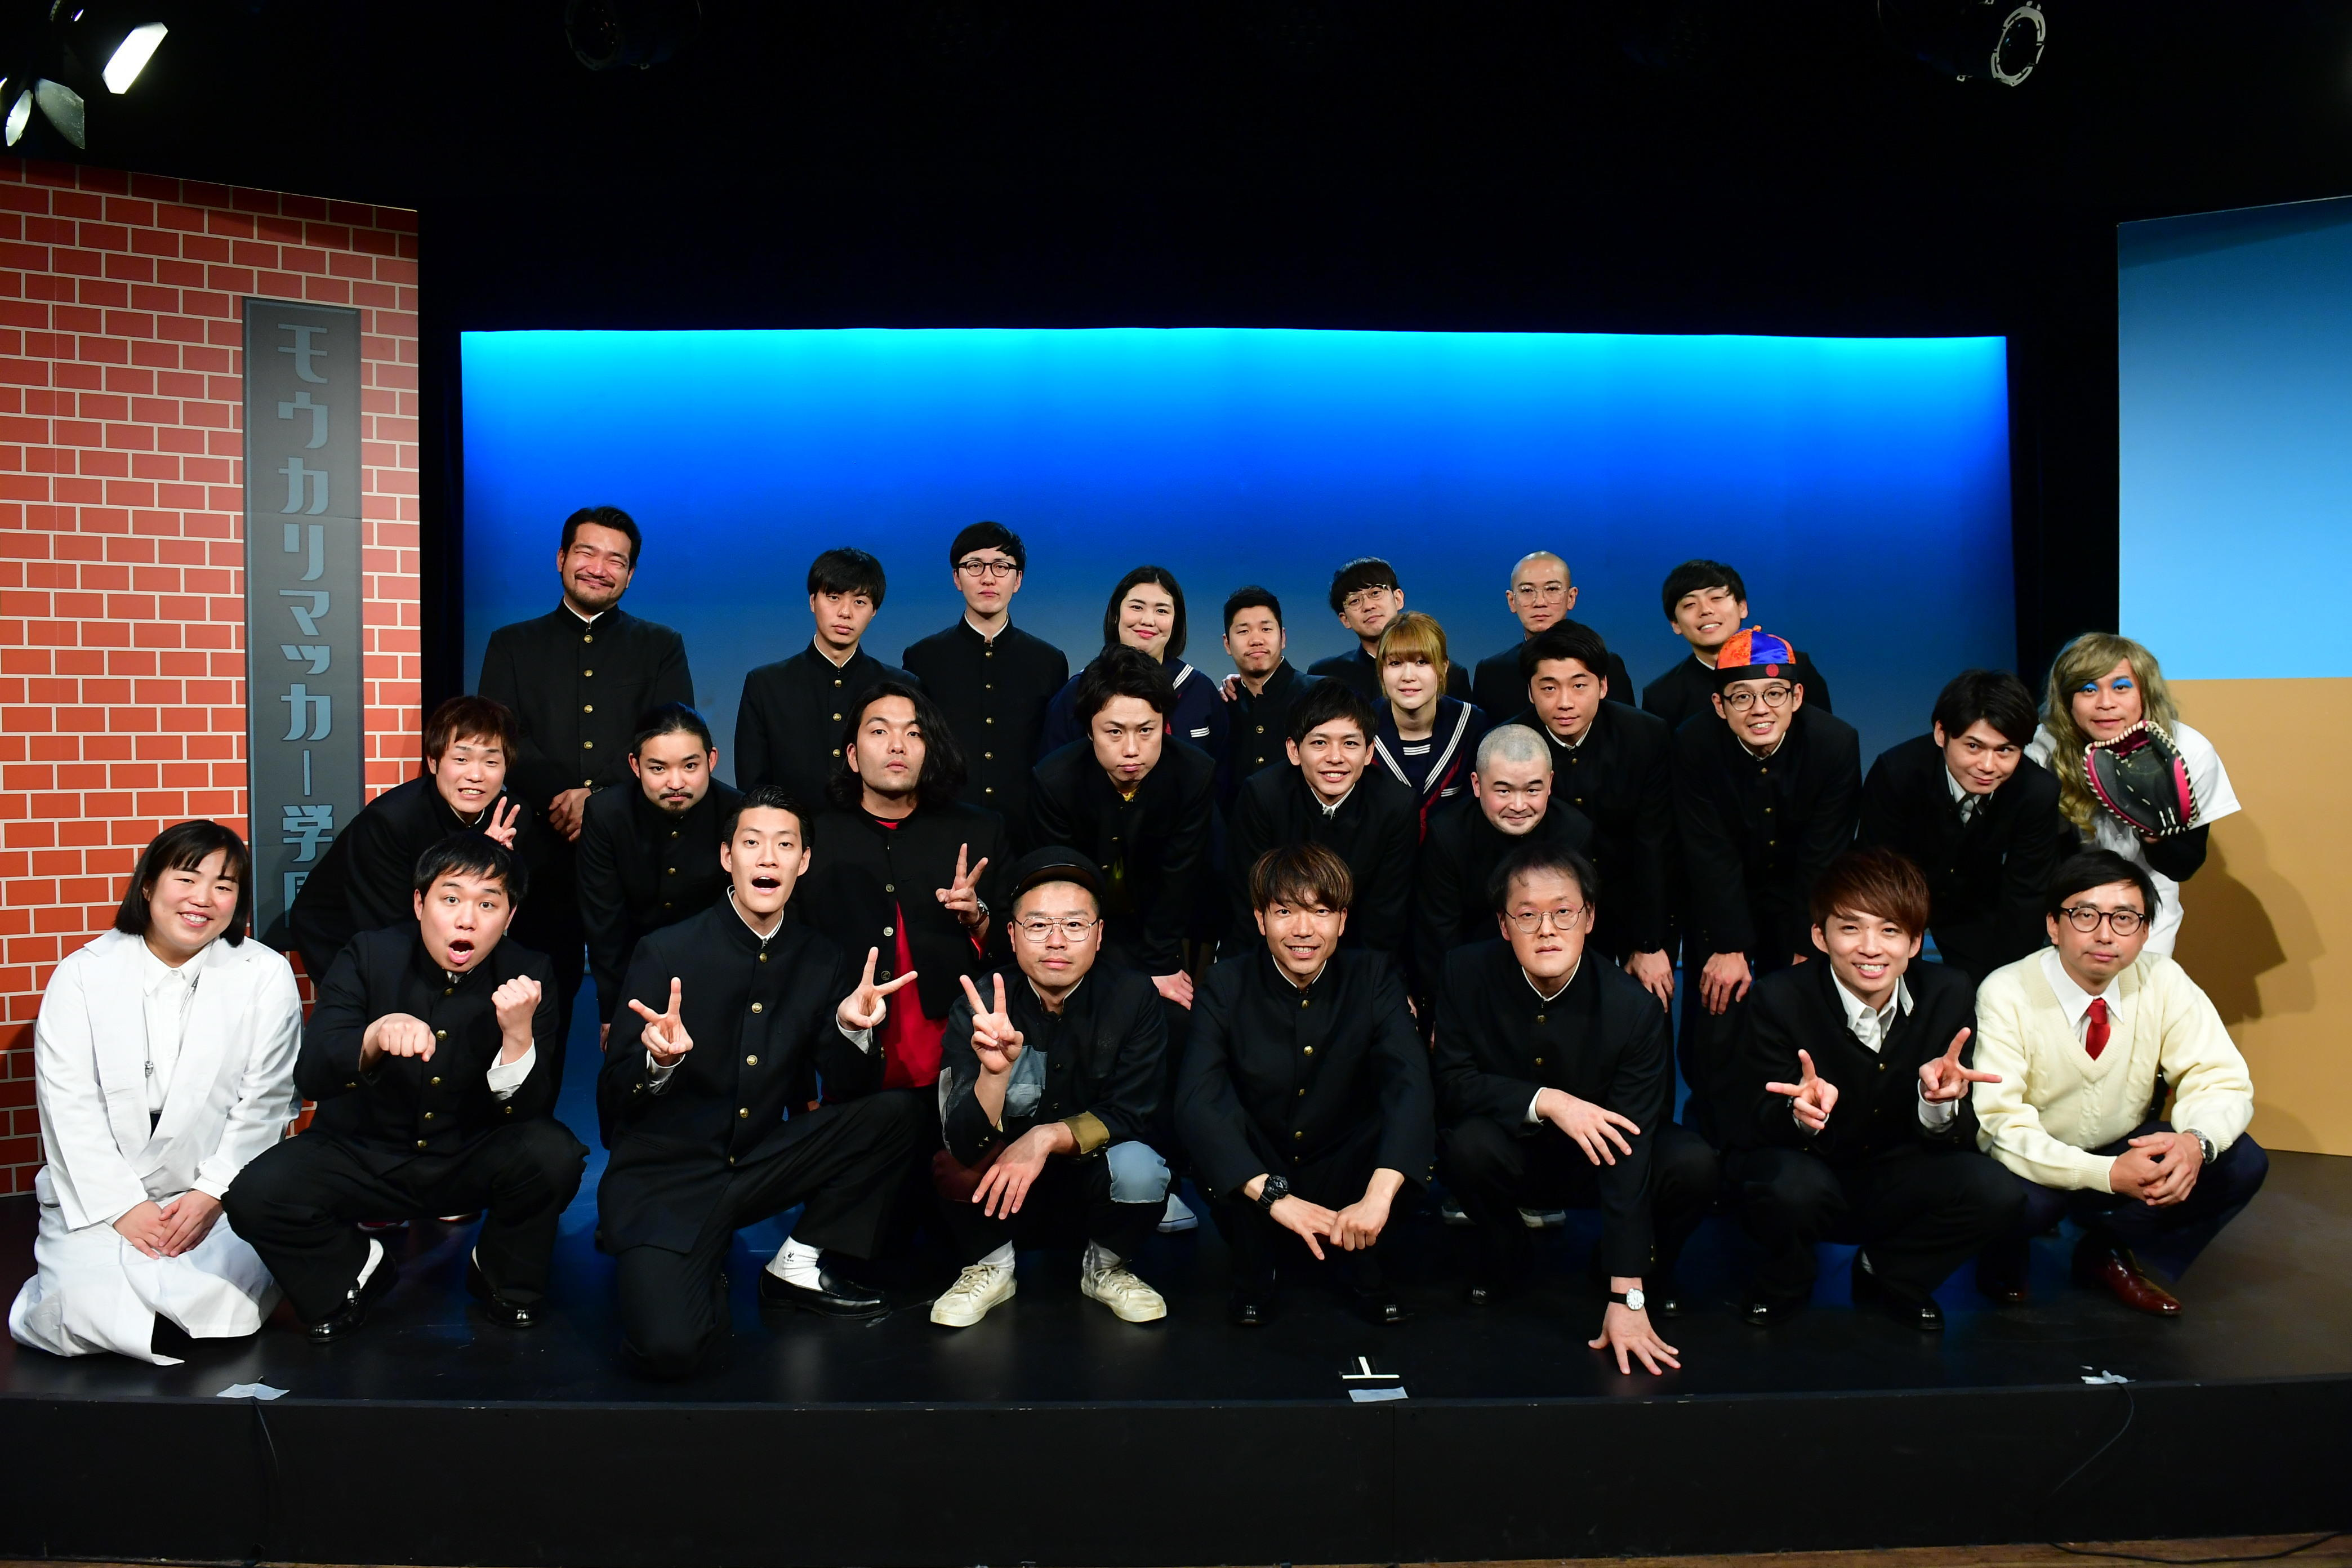 http://news.yoshimoto.co.jp/20181220090436-ddd9a880c756377731d30bdb9ec5734e420f70da.jpg